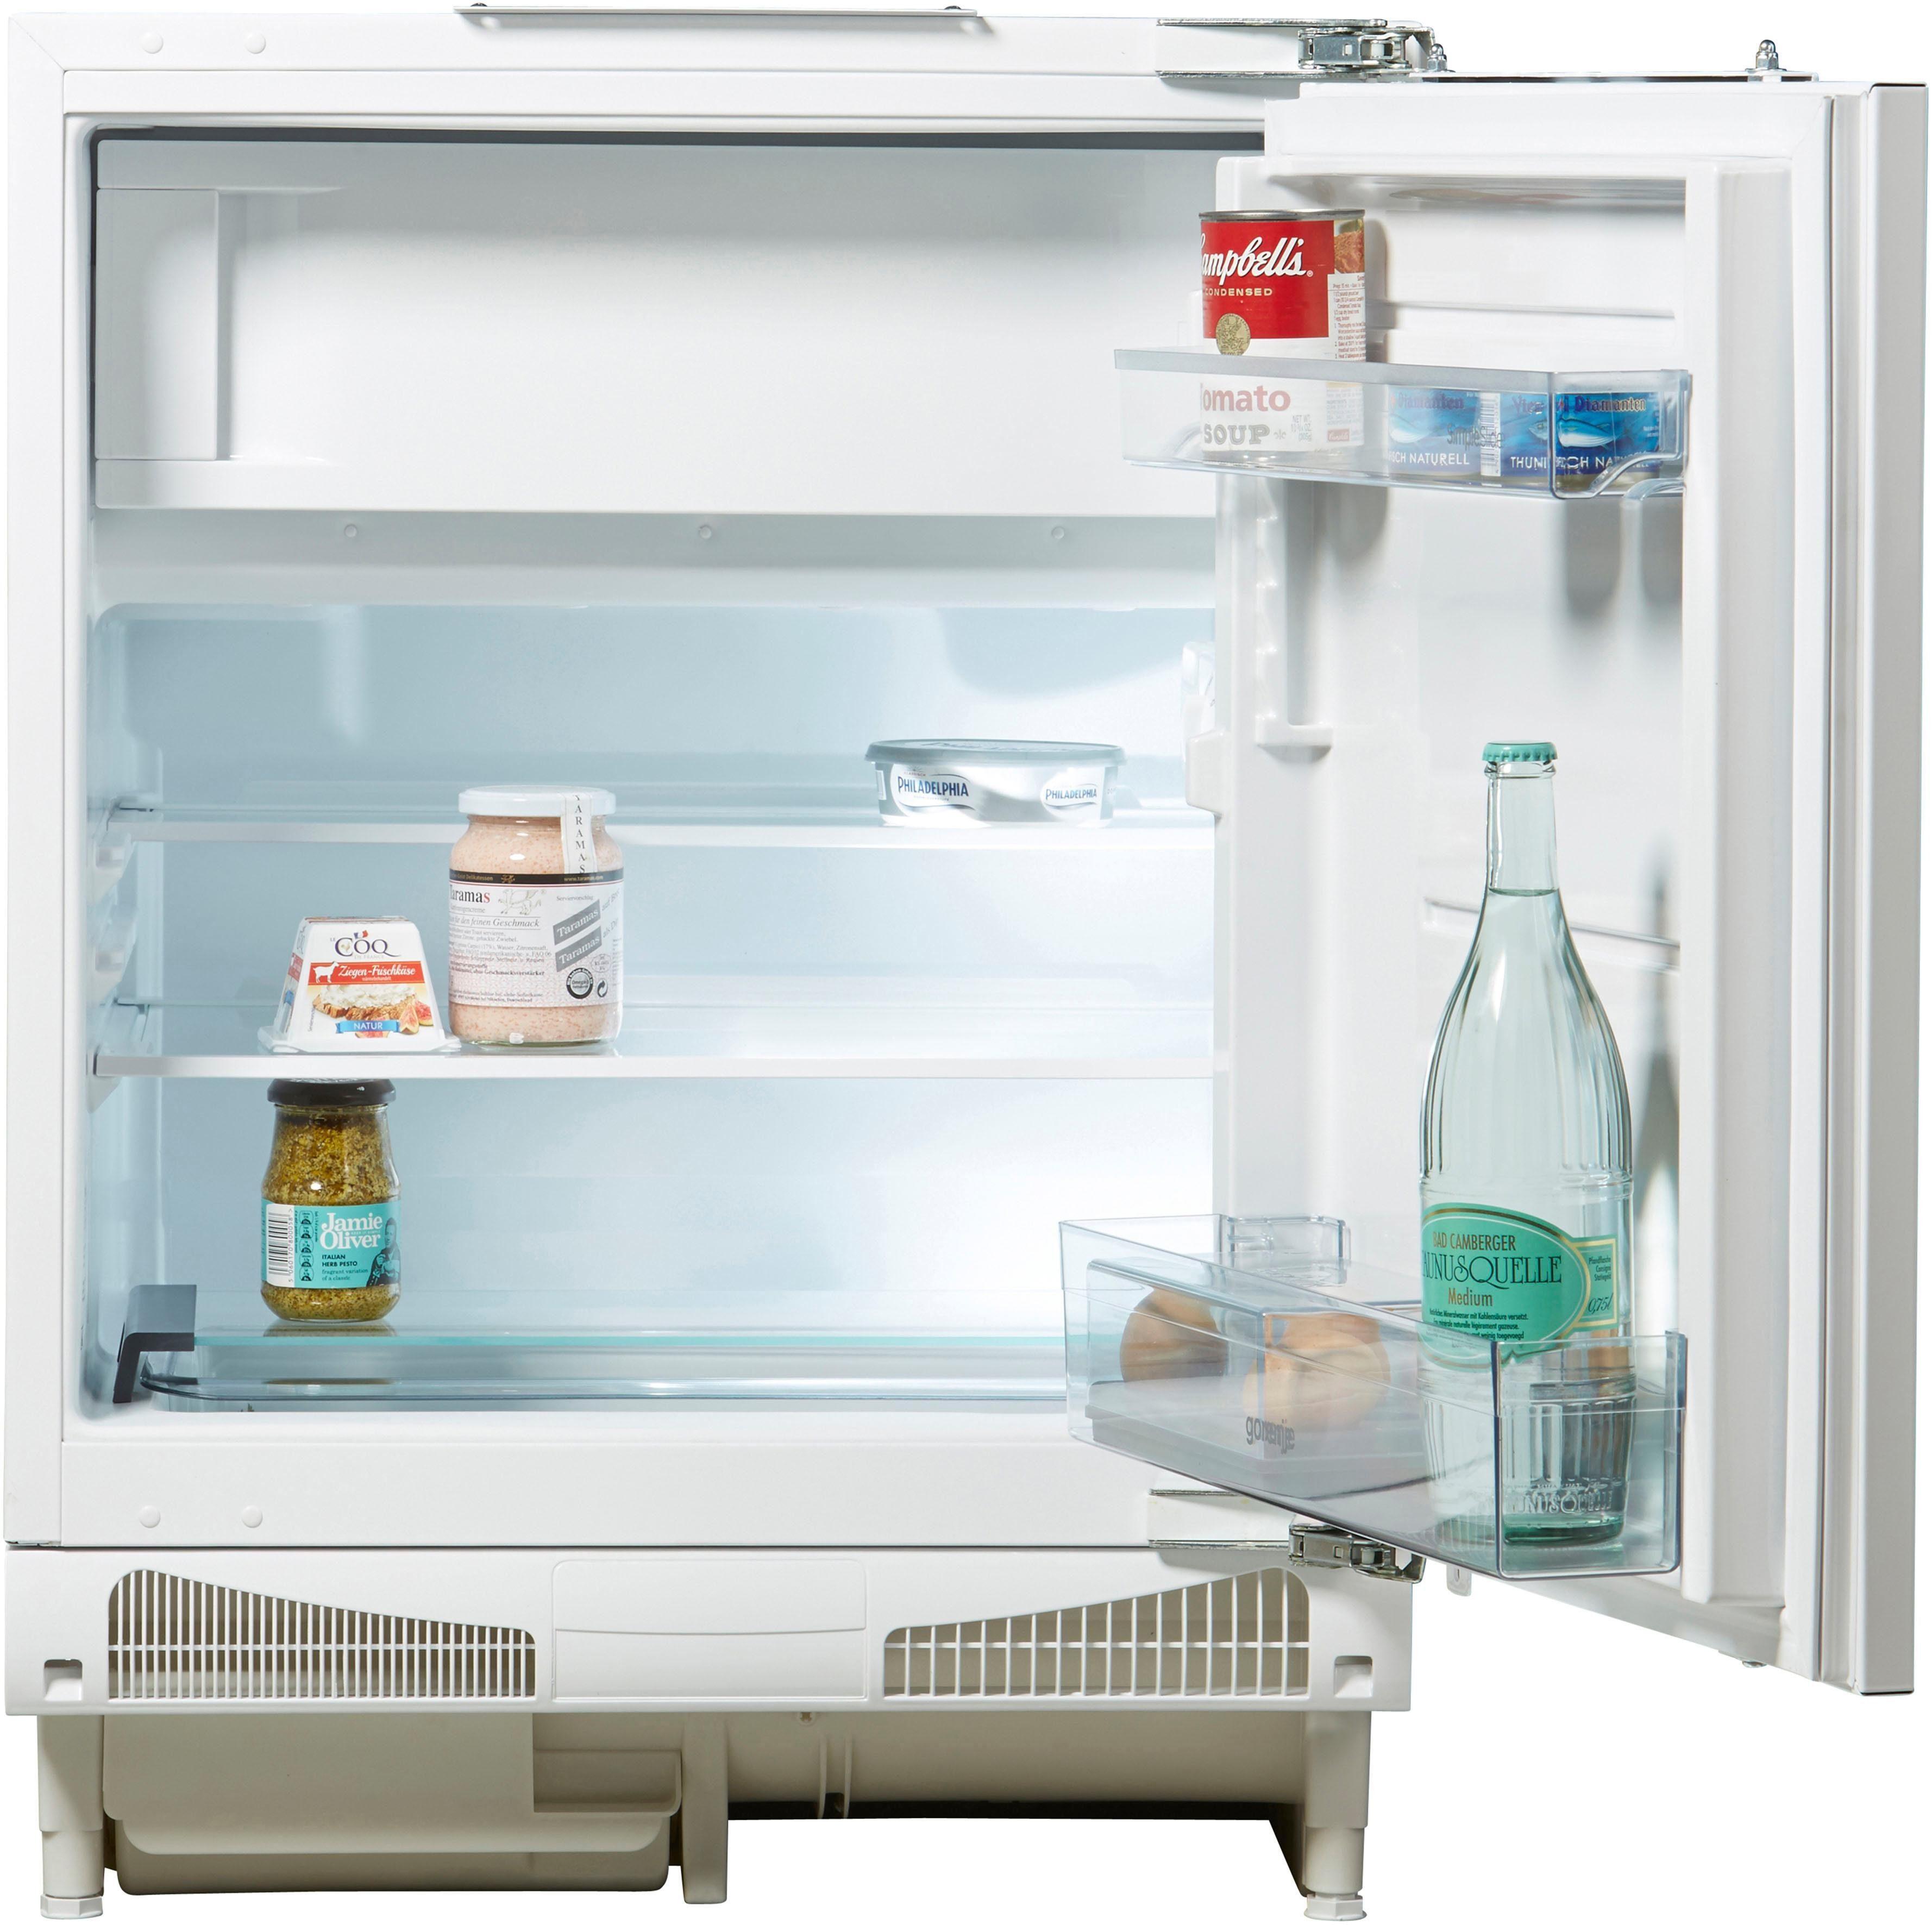 GORENJE Einbaukühlschrank RBIU6092AW, 82 cm hoch, 59,6 cm breit